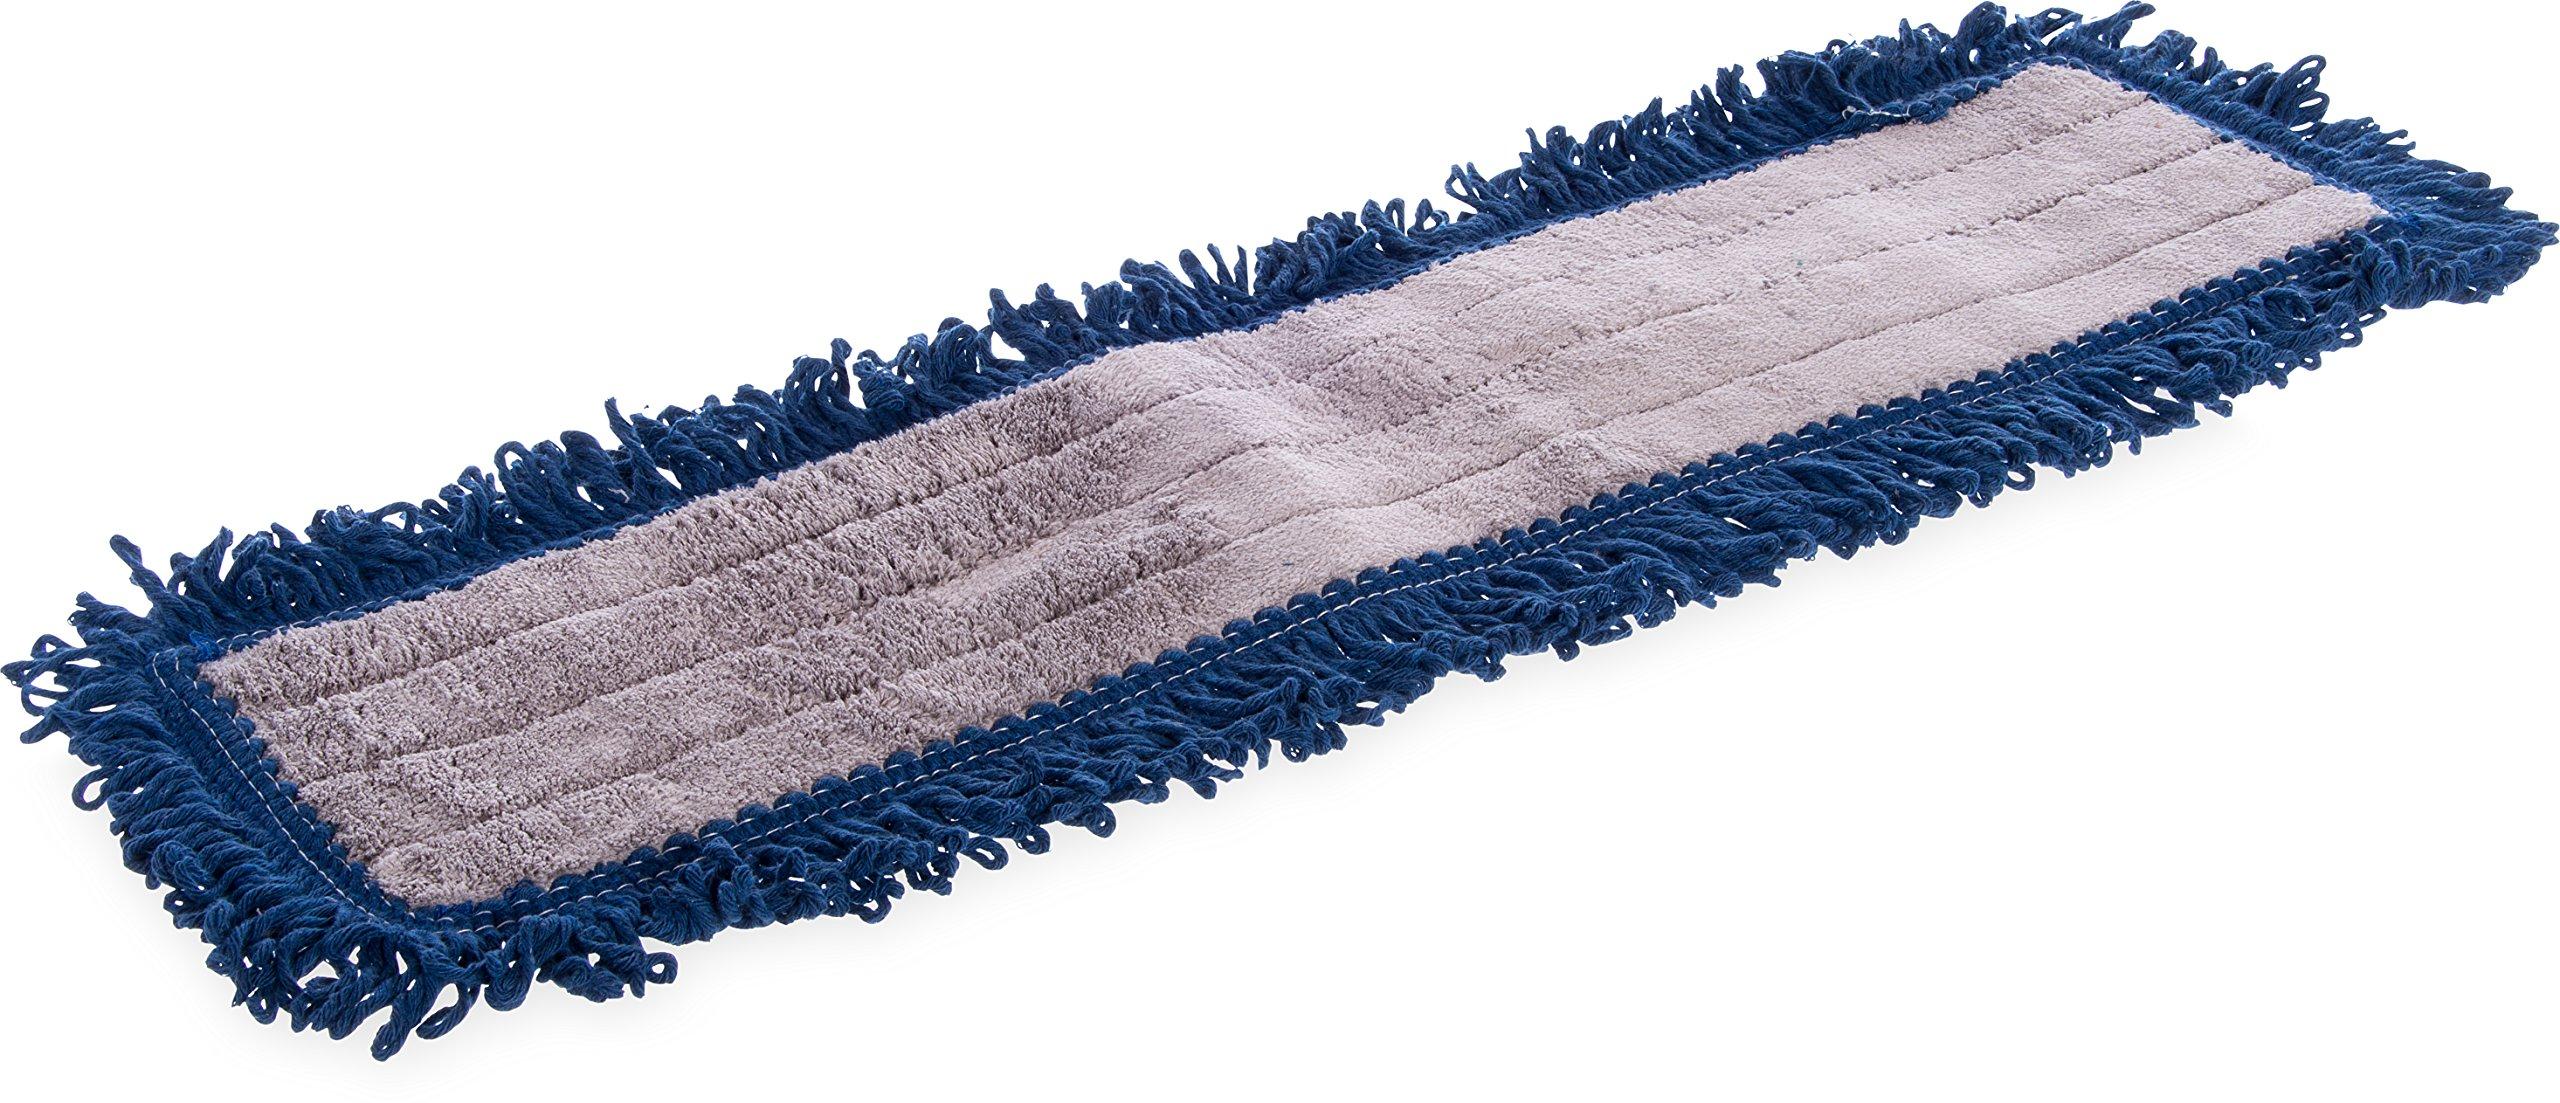 Carlisle 364882414 Flo-Pac Cotton Blend Launderable Dust Mop, 24'' Length x 5'' Width, Blue (Pack of 12)